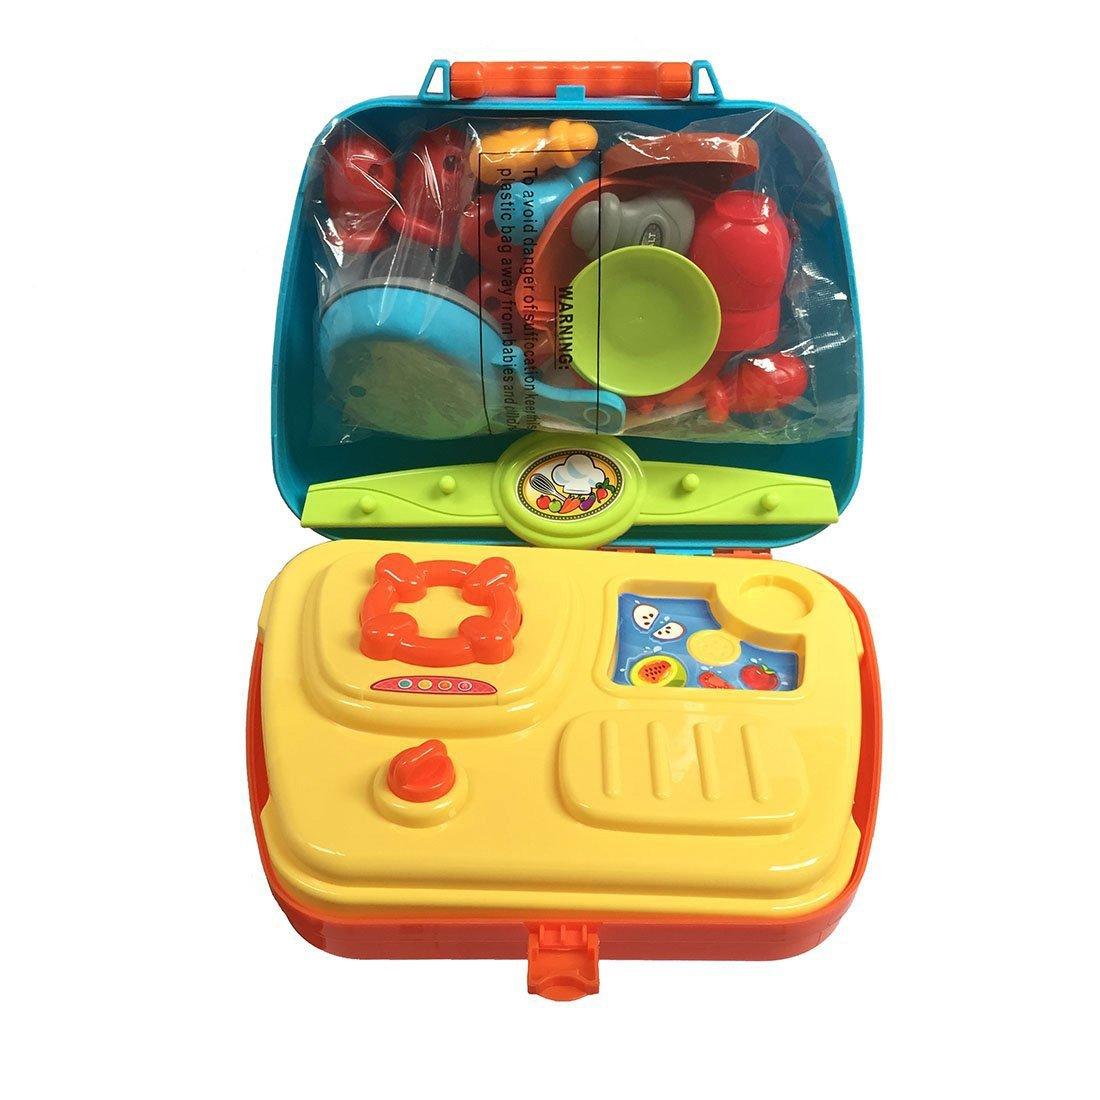 Rollenspiel Küche Spielzeug Kinder Kochen Lebensmittel Spielset für ...